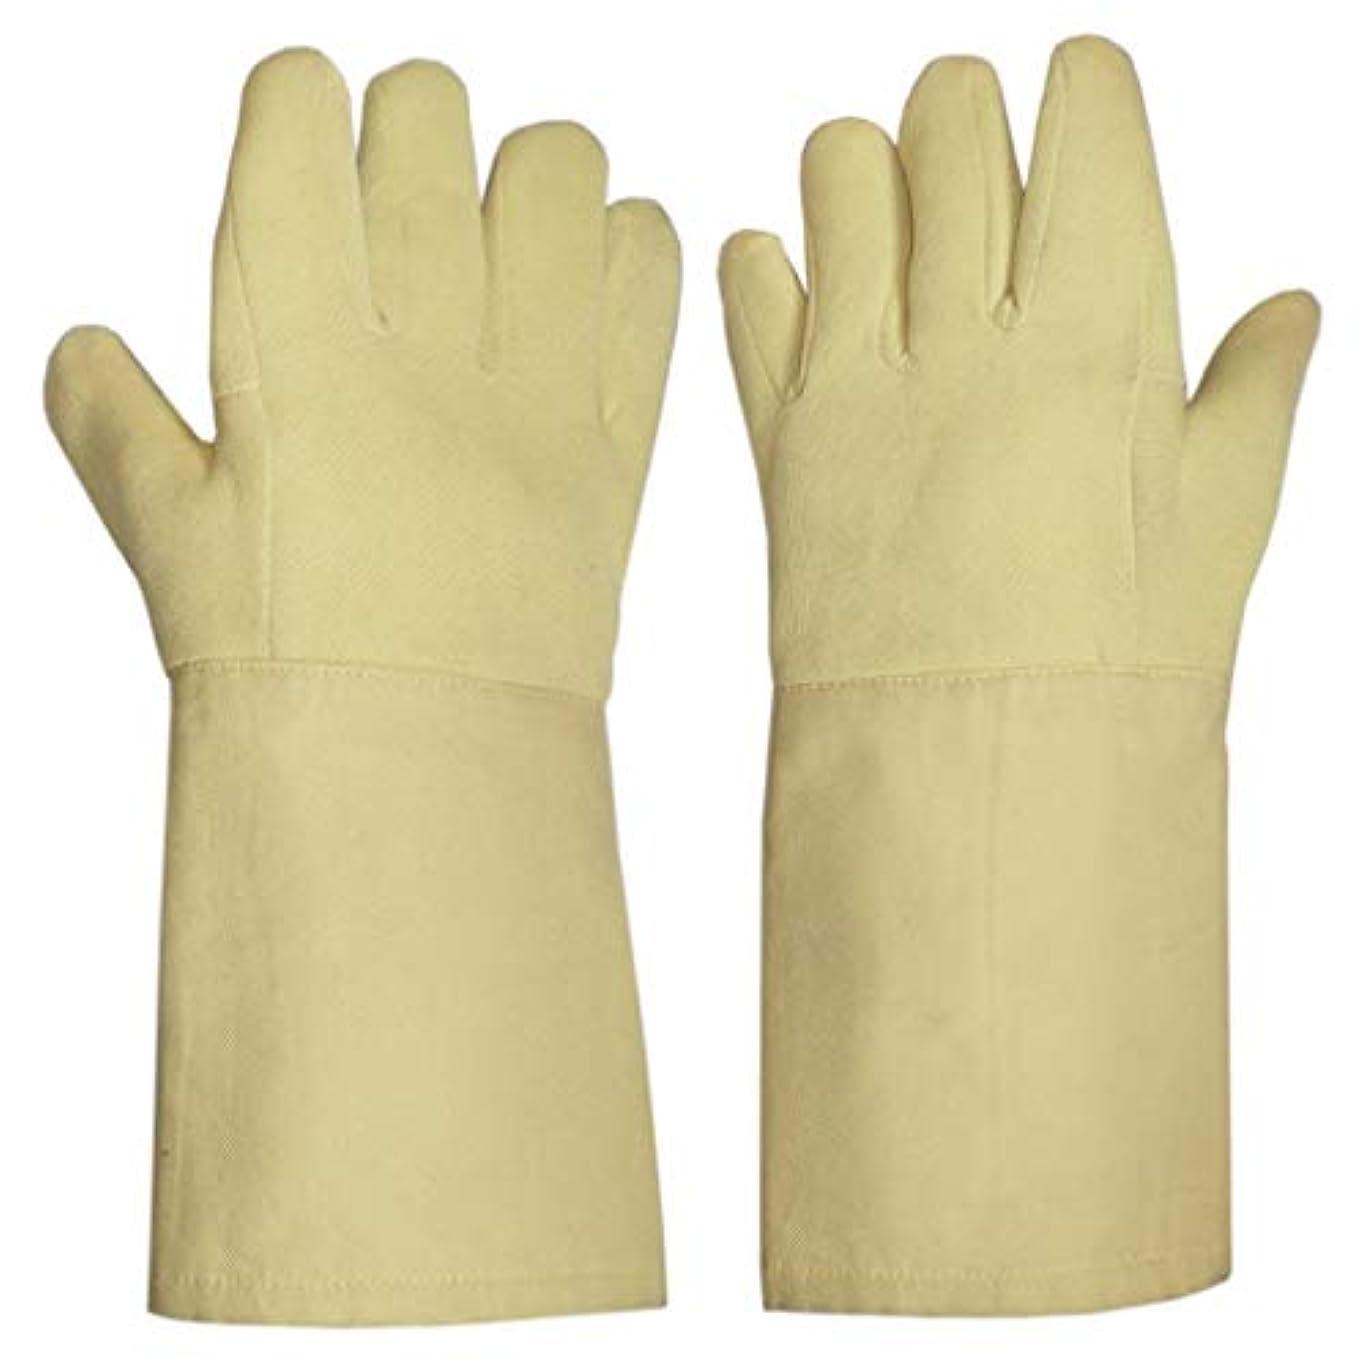 保険カウントアップ織機LIUXIN カットプルーフ高温耐性手袋労働保護手袋切断保護手袋絶縁防滑性滑り止め14.5 * 38センチ ゴム手袋